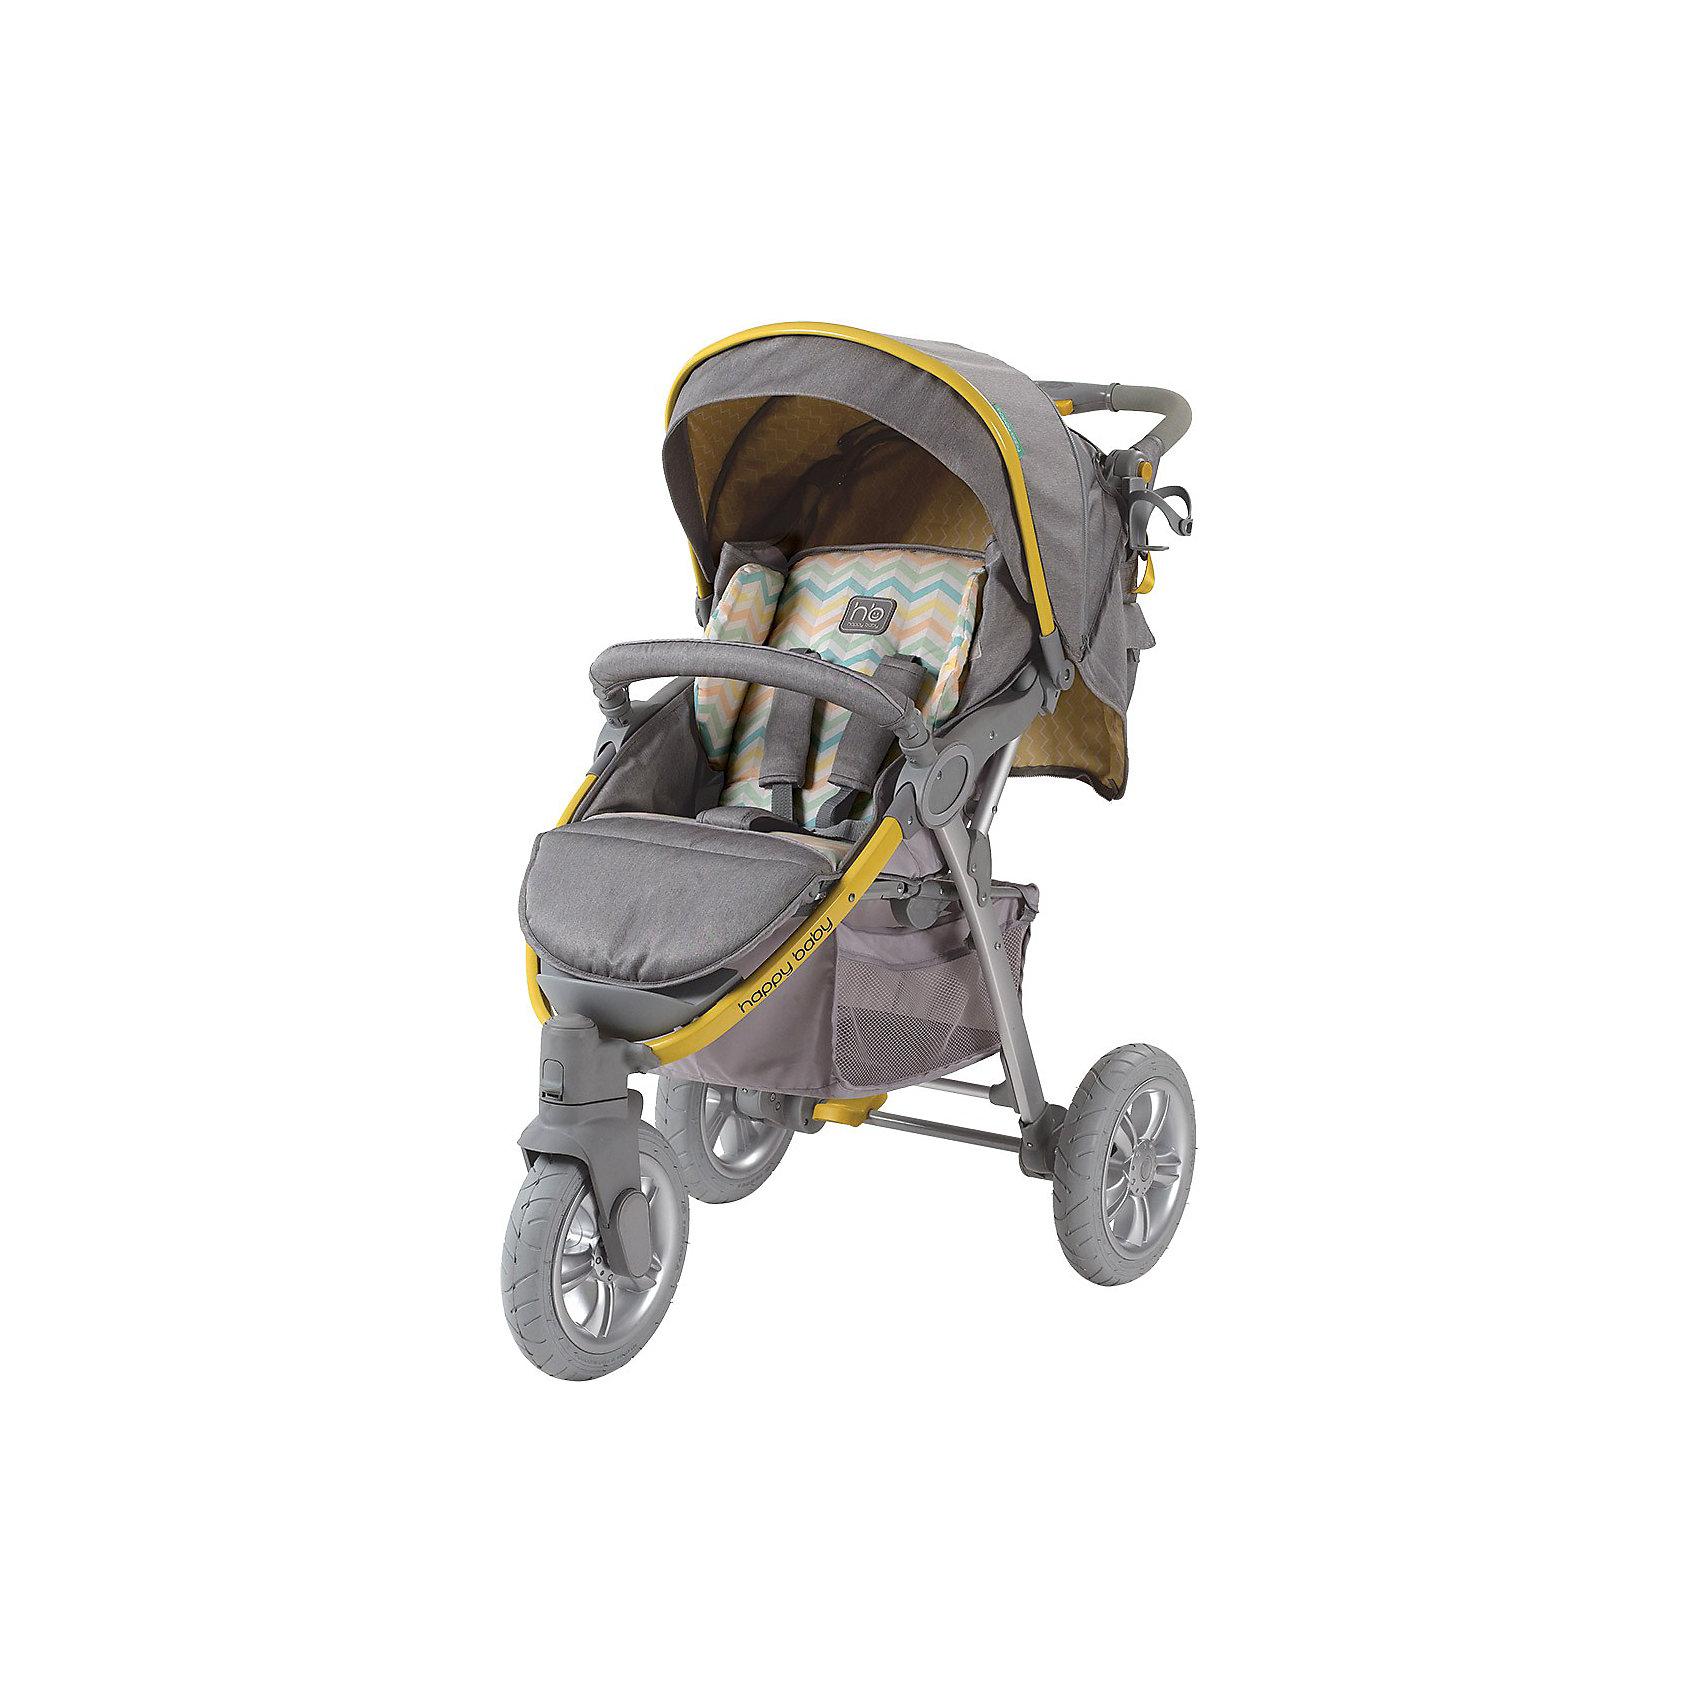 Прогулочная коляска Happy Baby Neon Sport, серый/жёлтыйПрогулочные коляски<br>Стильная всесезонная коляска Neon Sport отличается высокой проходимостью. Хорошая амортизация и маневренность позволит передвигаться, не нарушая сон ребёнка. Овальное сечение алюминиевой рамы обеспечивает  легкость и прочность. Матрасик из мягкой дышащей ткани, пятиточечные ремни безопасности с накладками и съемный бампер гарантируют комфорт и безопасность ребёнку. Объёмный капюшон со смотровым окошком фиксируется в трёх положениях и опускается до бампера. Подставка для бутылочек на уровне рук взрослого облегчит процесс кормления. Переднее колесо поворотное с возможностью фиксации, что позволяет<br>маневрировать коляской практически на месте. Тормозное устройство приводится в действие одним движением. Регулируемая по высоте ручка, стильная сумка и вместительная корзина для покупок делают коляску не только удобной, но и практичной. Идеальный вариант для наших погодных условий и дорог.  <br><br>Дополнительная информация:<br><br>- Комплектность: коляска, дождевик, москитная сетка, сумка для мамы, чехол на ножки, корзина для покупок<br>- Алюминиевая рама с поперечным сечением.<br>- Количество колес: 3 шт.<br>- Тип колес: надувные, переднее поворотное.<br>- Ножной тормоз.<br>- Механизм складывания: книжка.<br>- Регулируемая по высоте ручка.<br>- Регулируемая по высоте спинка ( 3 положения, включая горизонтальное)<br>- Пятиточечные ремни безопасности с мягкими накладками.<br>- Капюшон со смотровым окошком  опускается до бампера)<br>- Складывающийся козырек.<br>- Вместительная корзина для покупок.<br>- Подставка для кружки.<br>- Съёмный бампер перед ребенком.<br>- Цвет: серый, желтый.<br>- Длина спального места: 85 см.<br>- Размер коляски: 102 х 66 х 97 см.<br>- Размер сидения: 34 х 28/45 (с подножкой) см.<br>- Диаметр колес: переднее - 26 см, задние - 30 см.<br>- Ширина колесной базы: 66 см.<br>- Вес коляски: 13 кг<br><br>Прогулочную коляска Neon Sport, Happy Baby (Хэппи Беби),  серый/желтый, мо